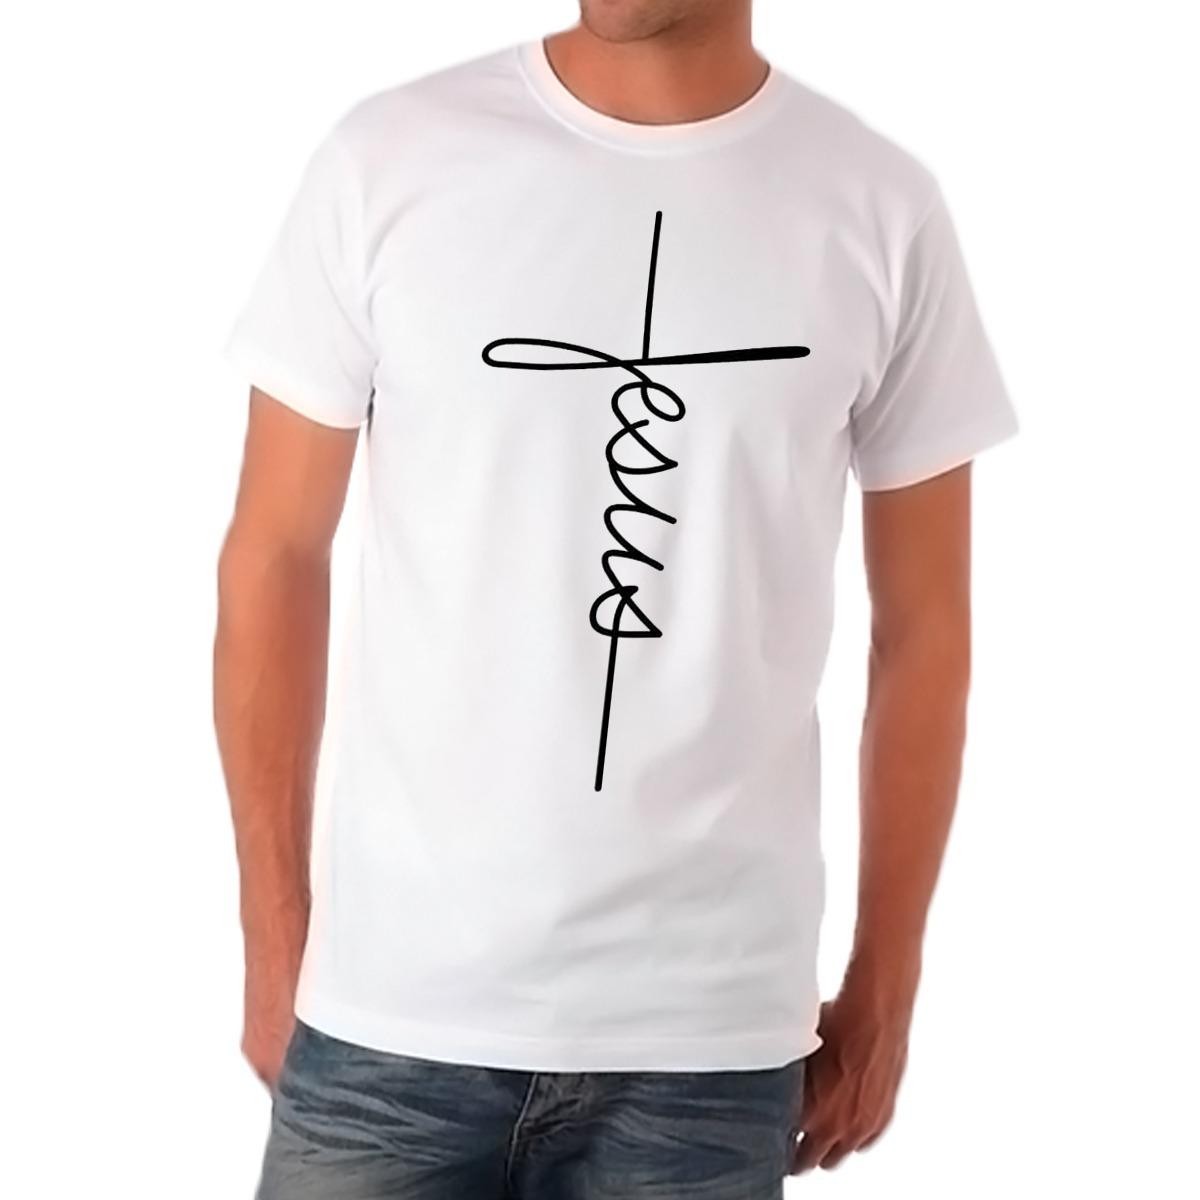 3d3271850 camiseta jesus cruz camisa religião religiosa. Carregando zoom.